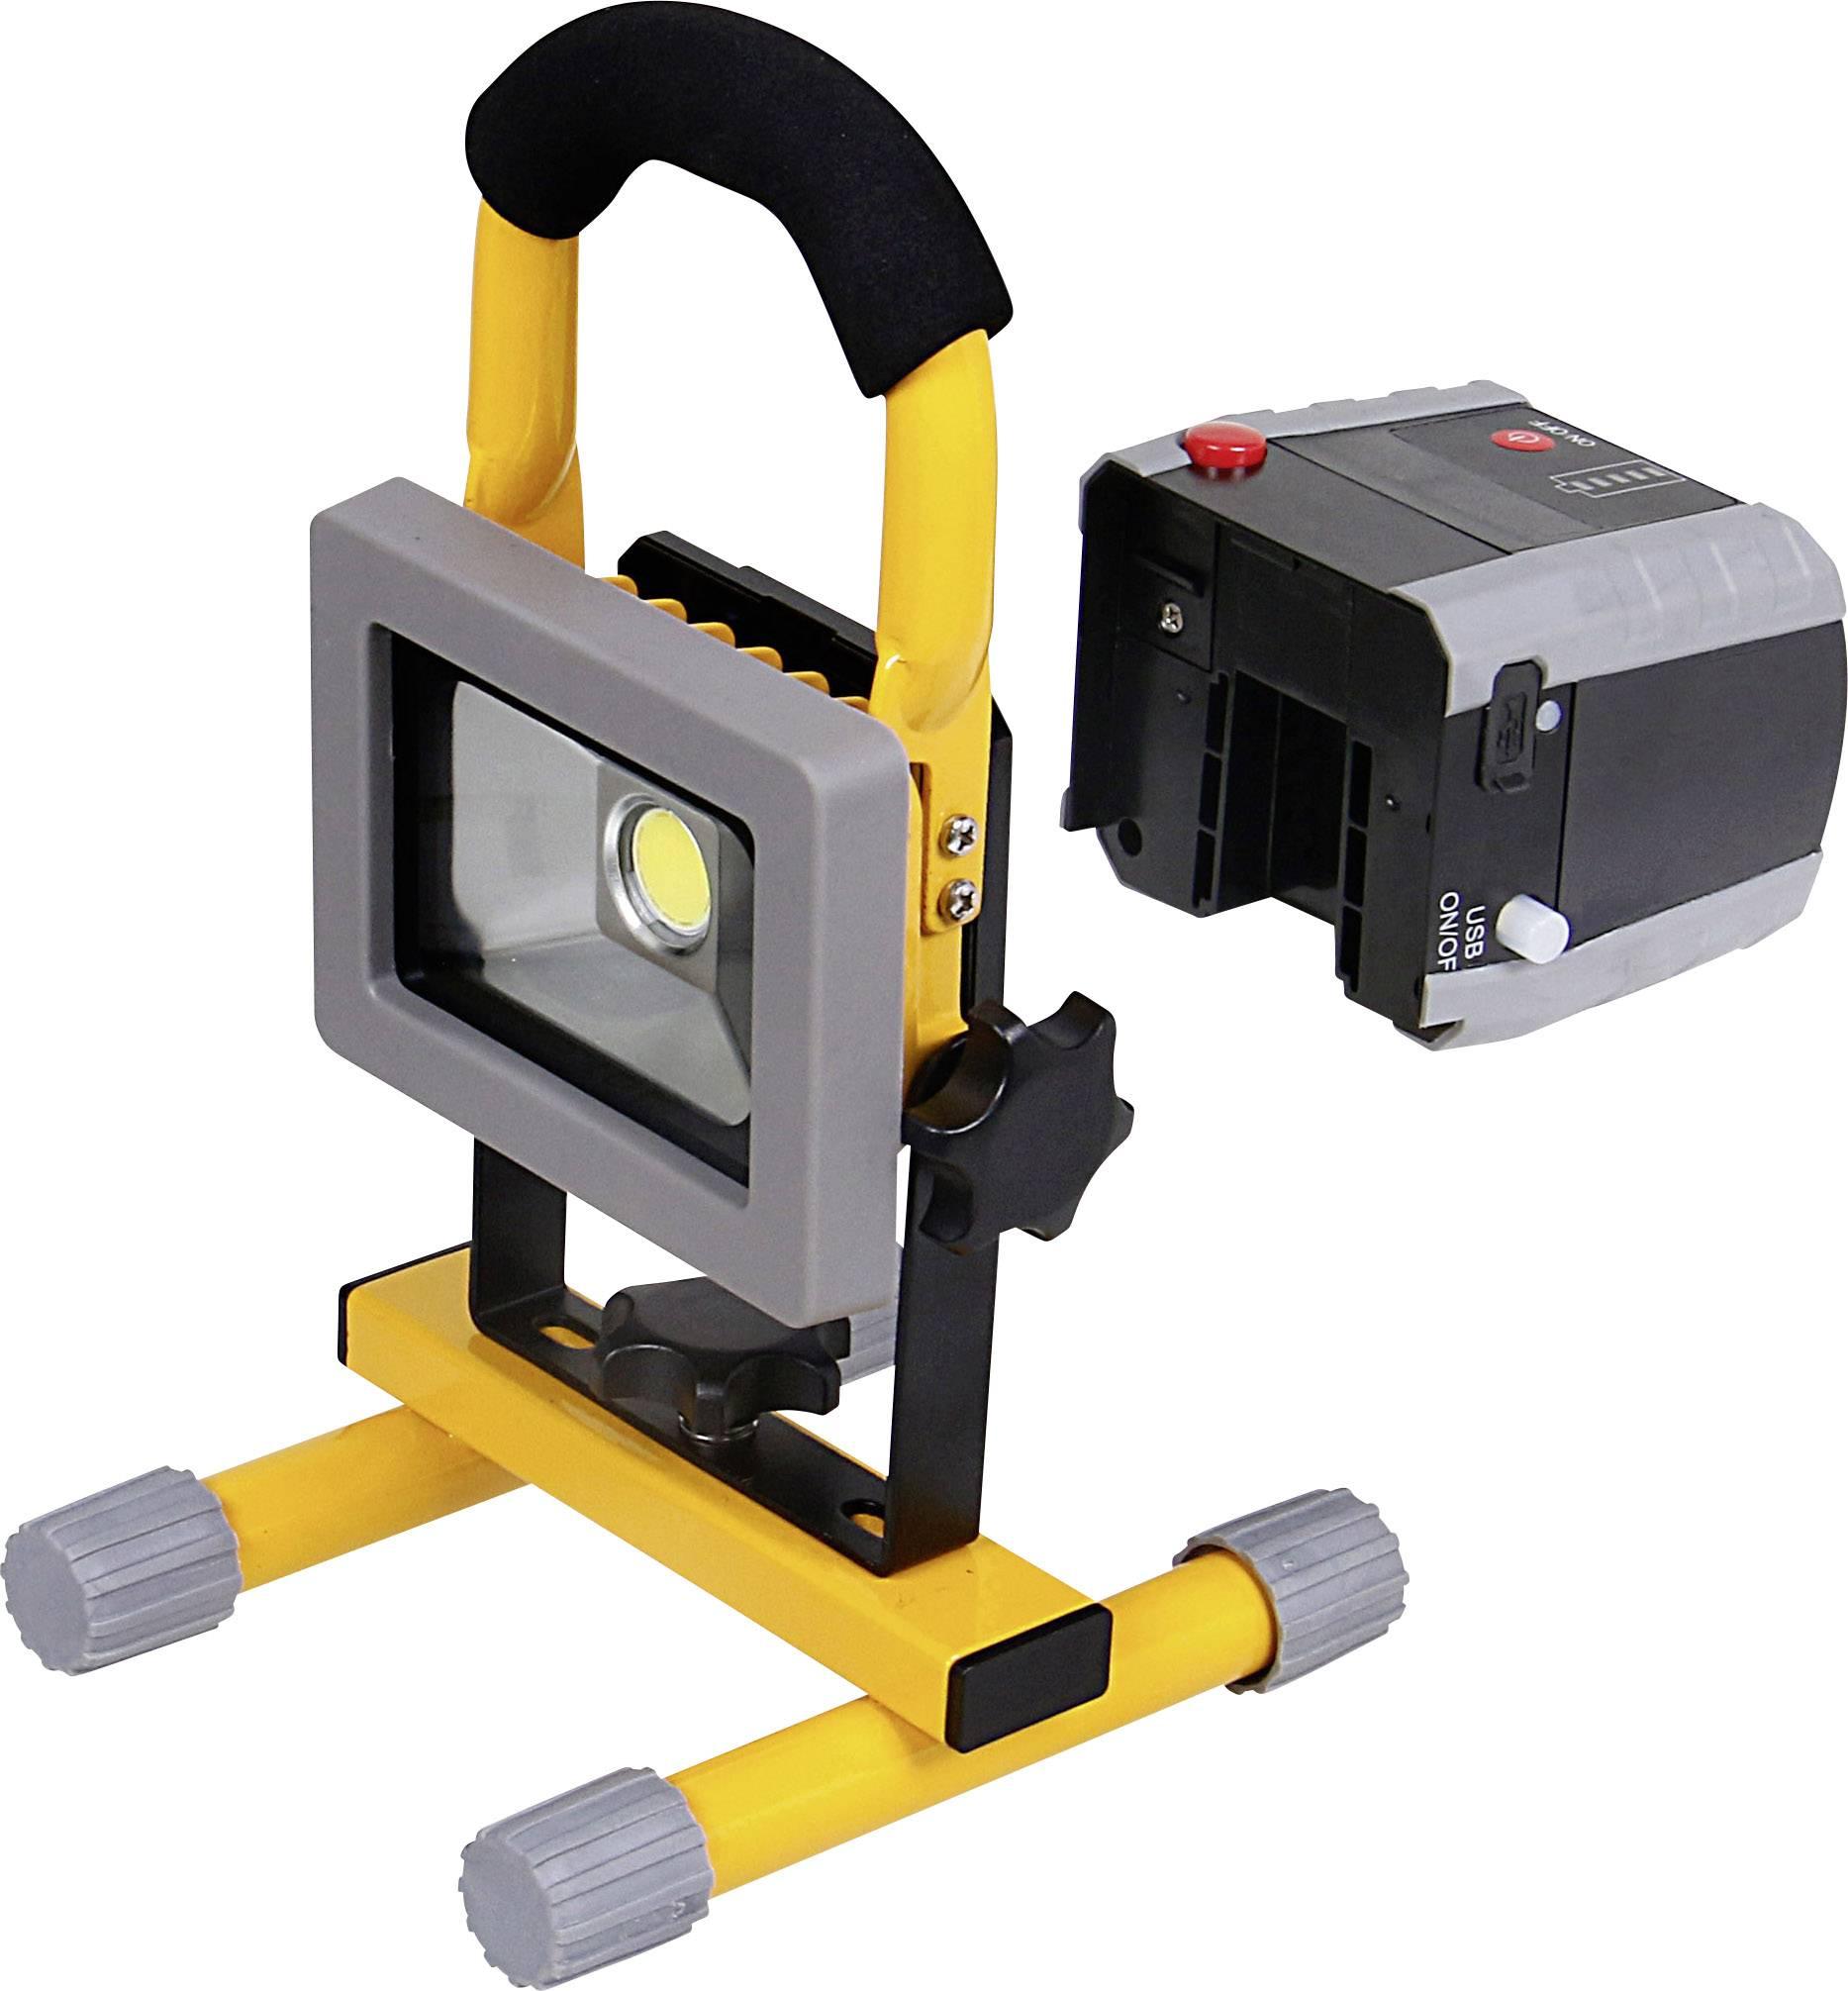 COB LED pracovné osvetlenie Shada 300170 10 W, napájanie z akumulátora